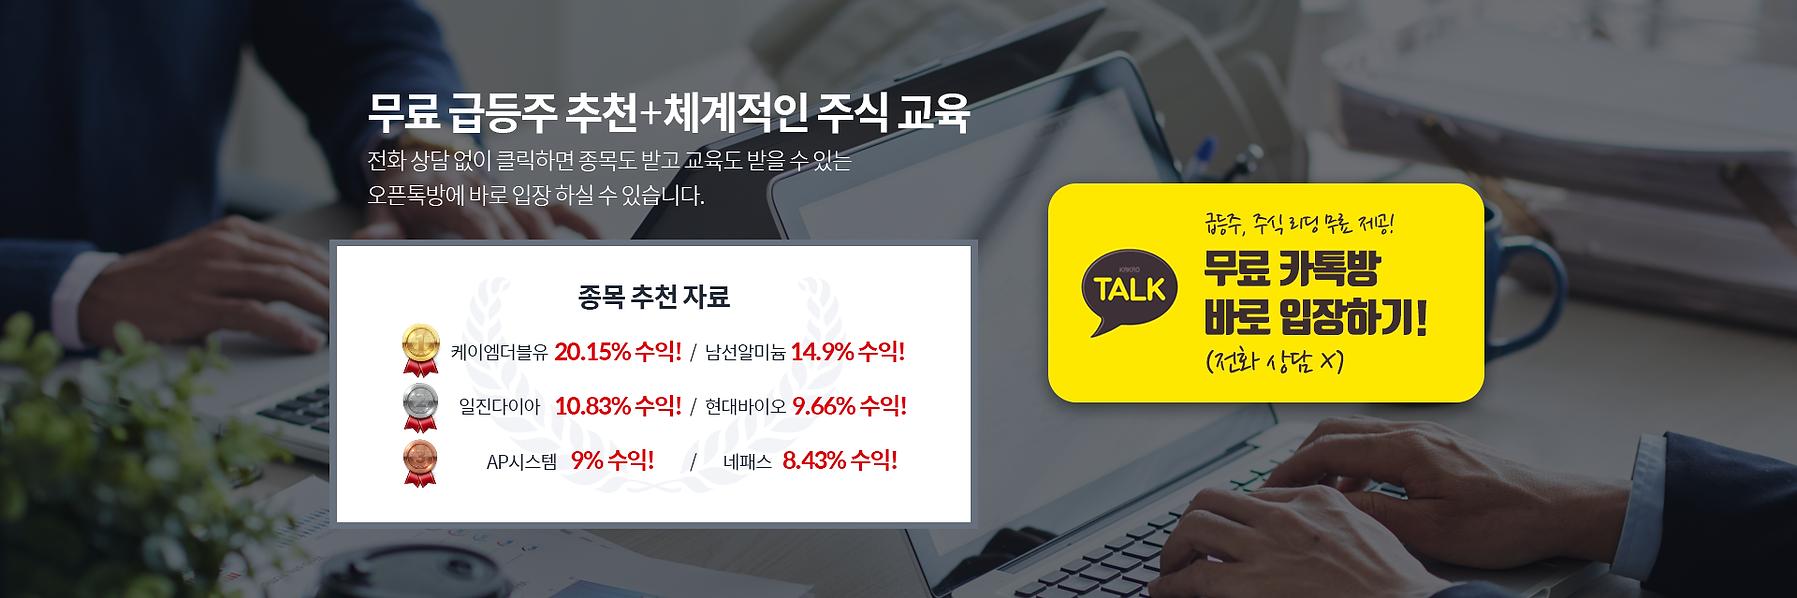 20191223_홈페이지 메인 수정2_김은아.png